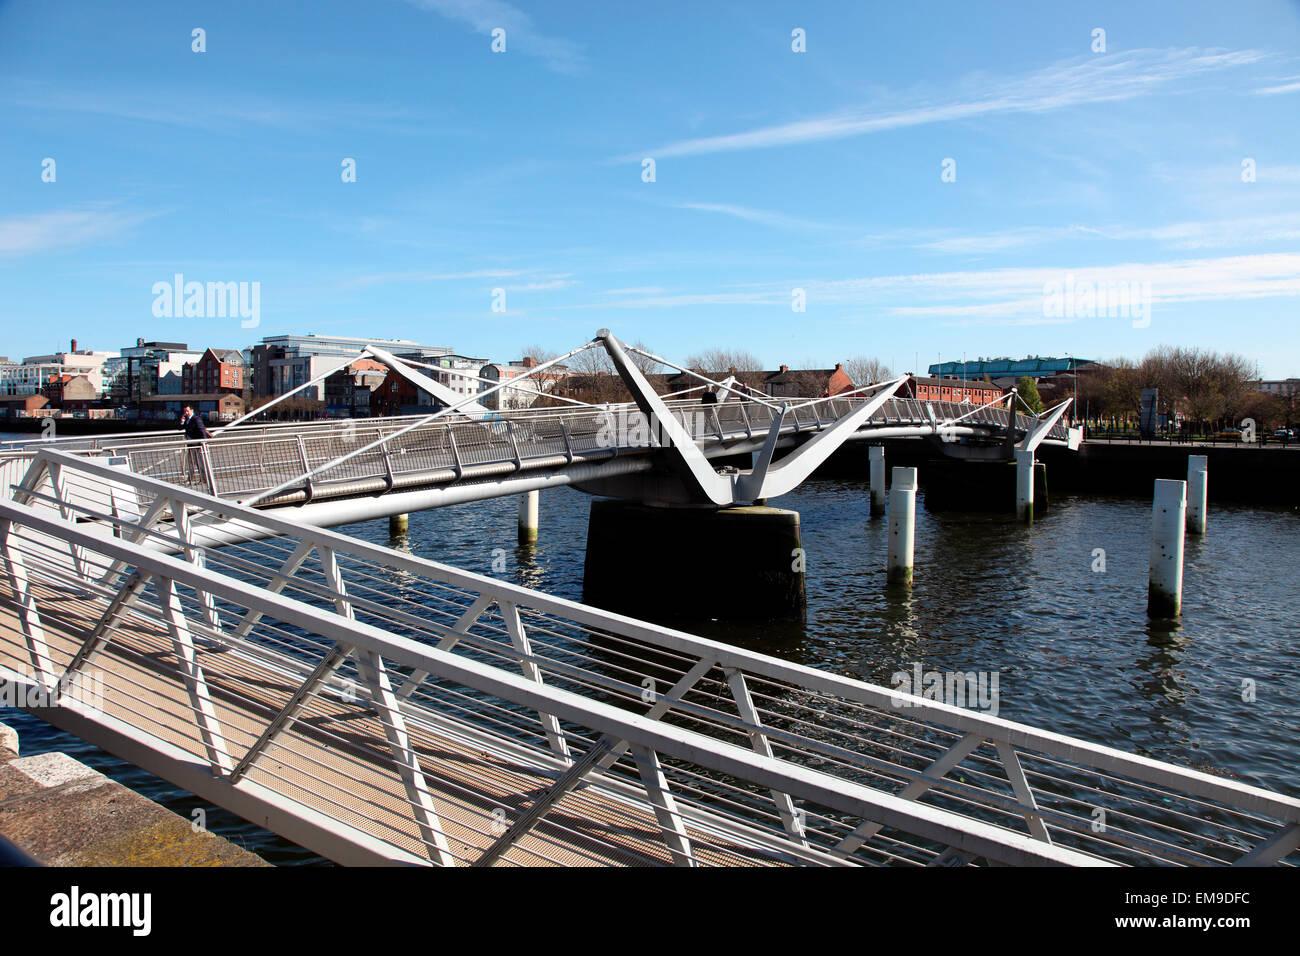 Sean OCasey swingbridge over the River Liffey in Dublin. - Stock Image